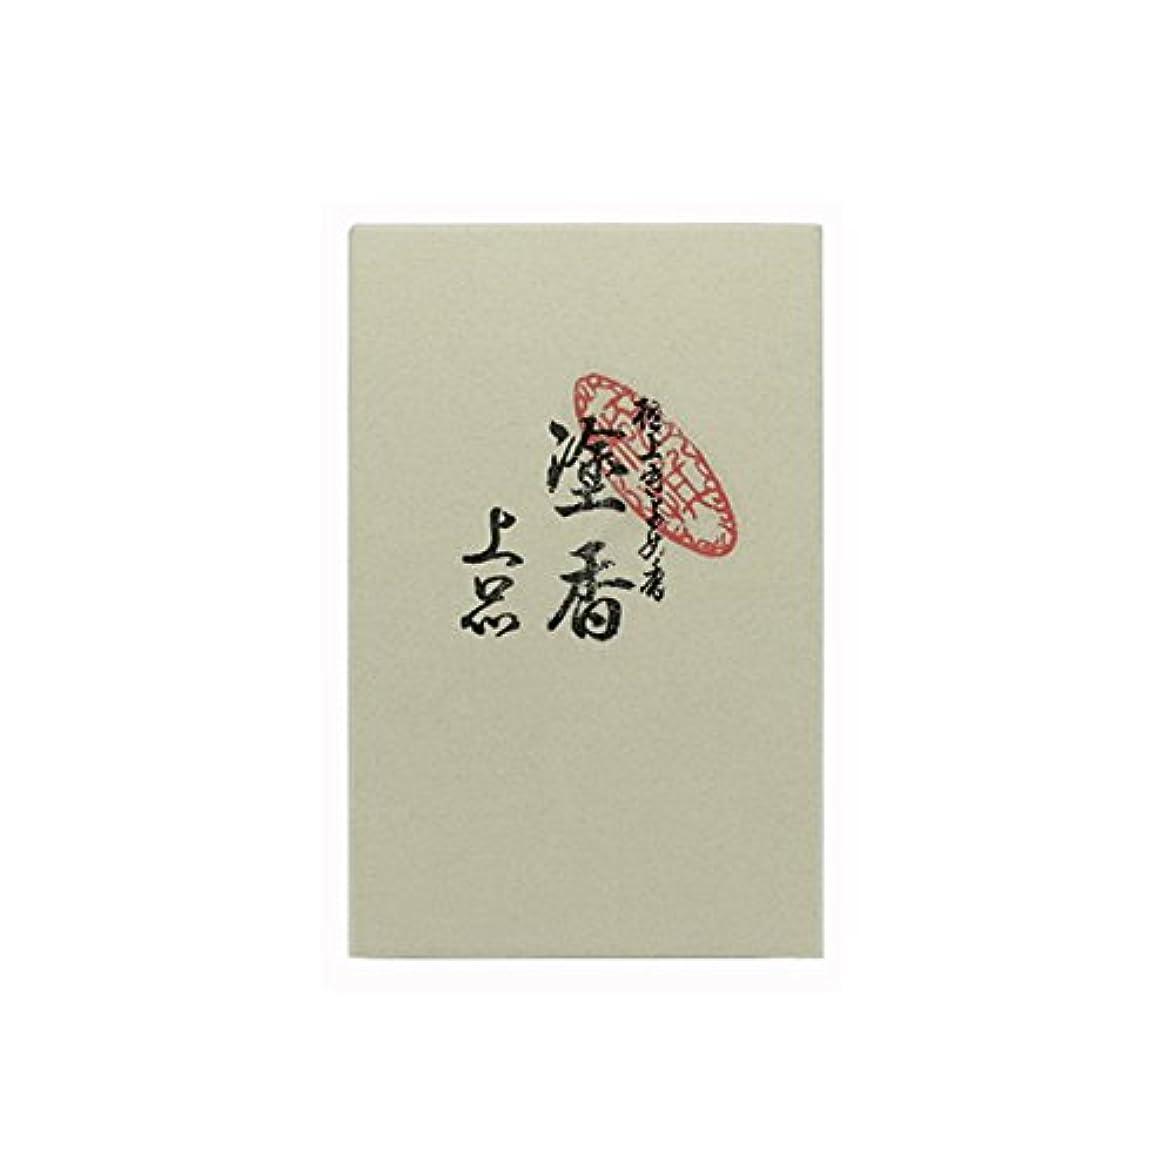 収束する任命リスト塗香(上品) 20g入